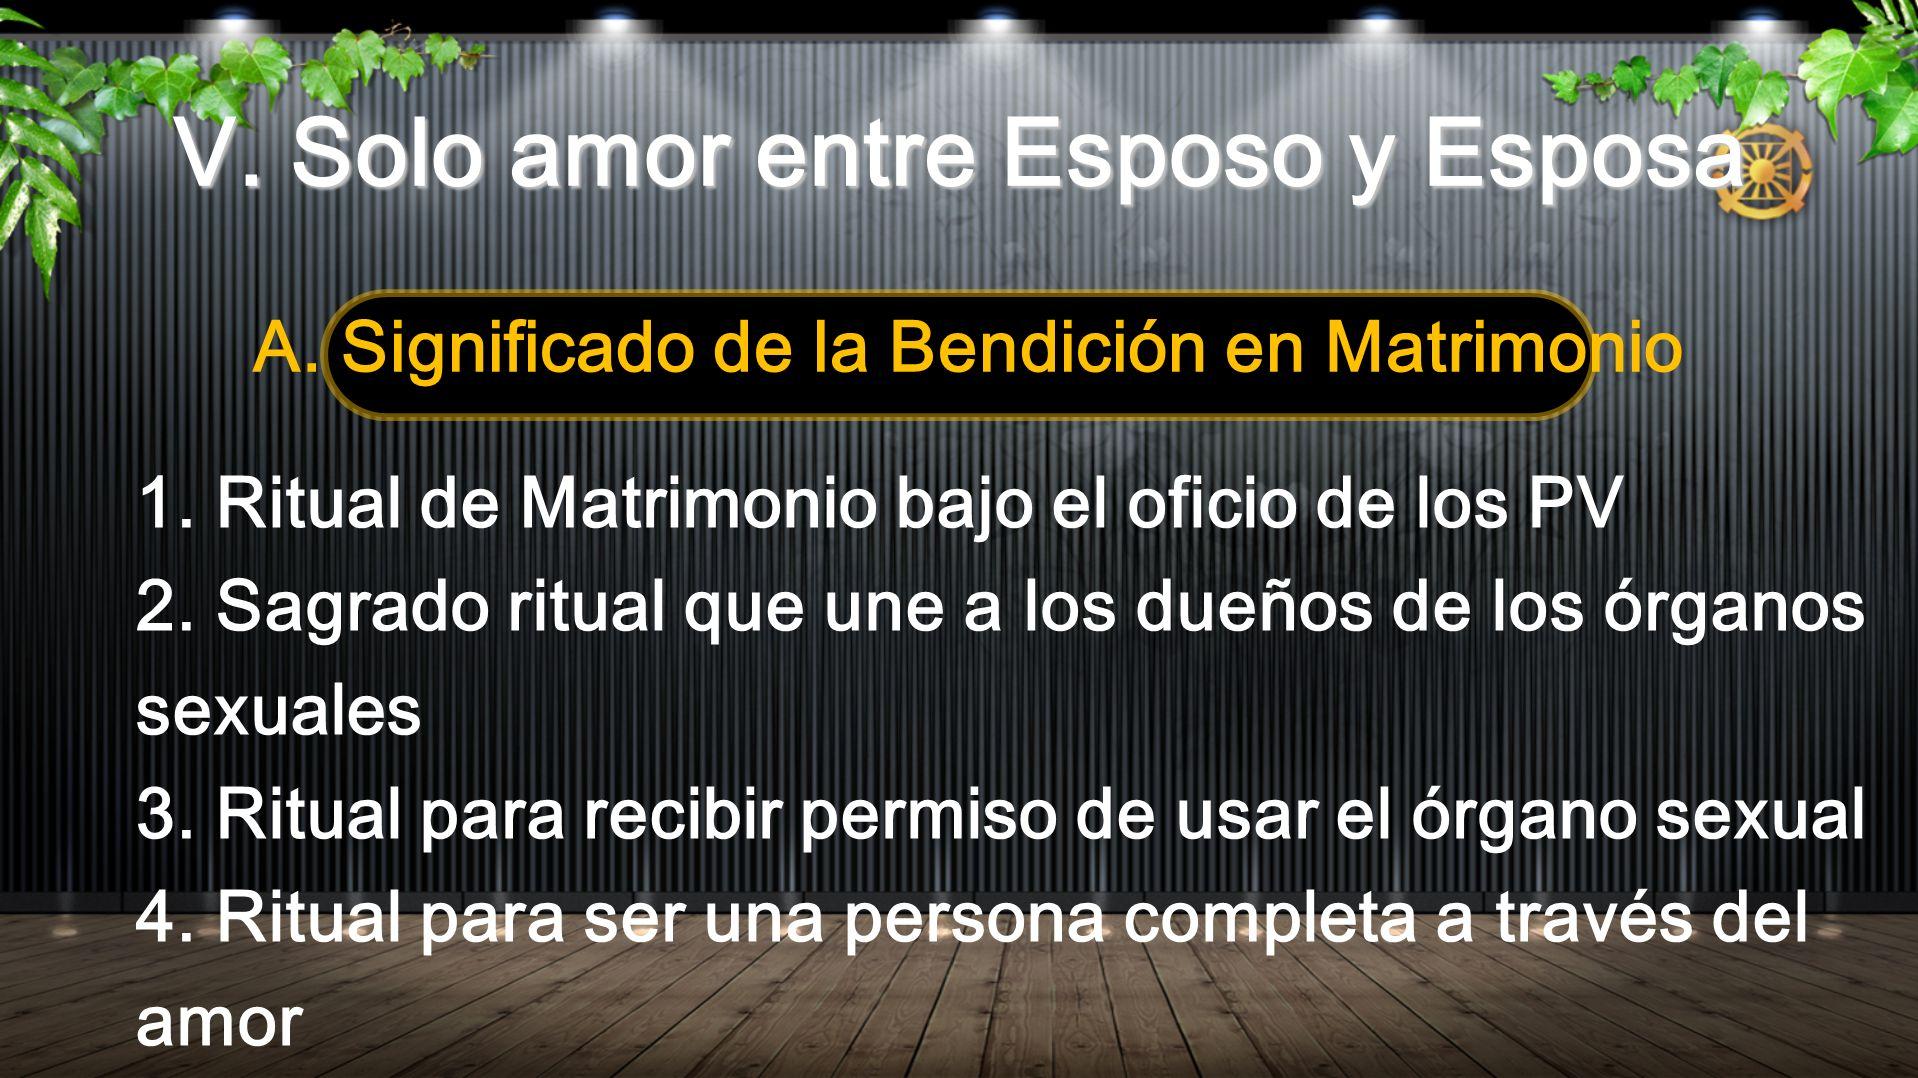 V. Solo amor entre Esposo y Esposa A. Significado de la Bendición en Matrimonio 1. Ritual de Matrimonio bajo el oficio de los PV 2. Sagrado ritual que